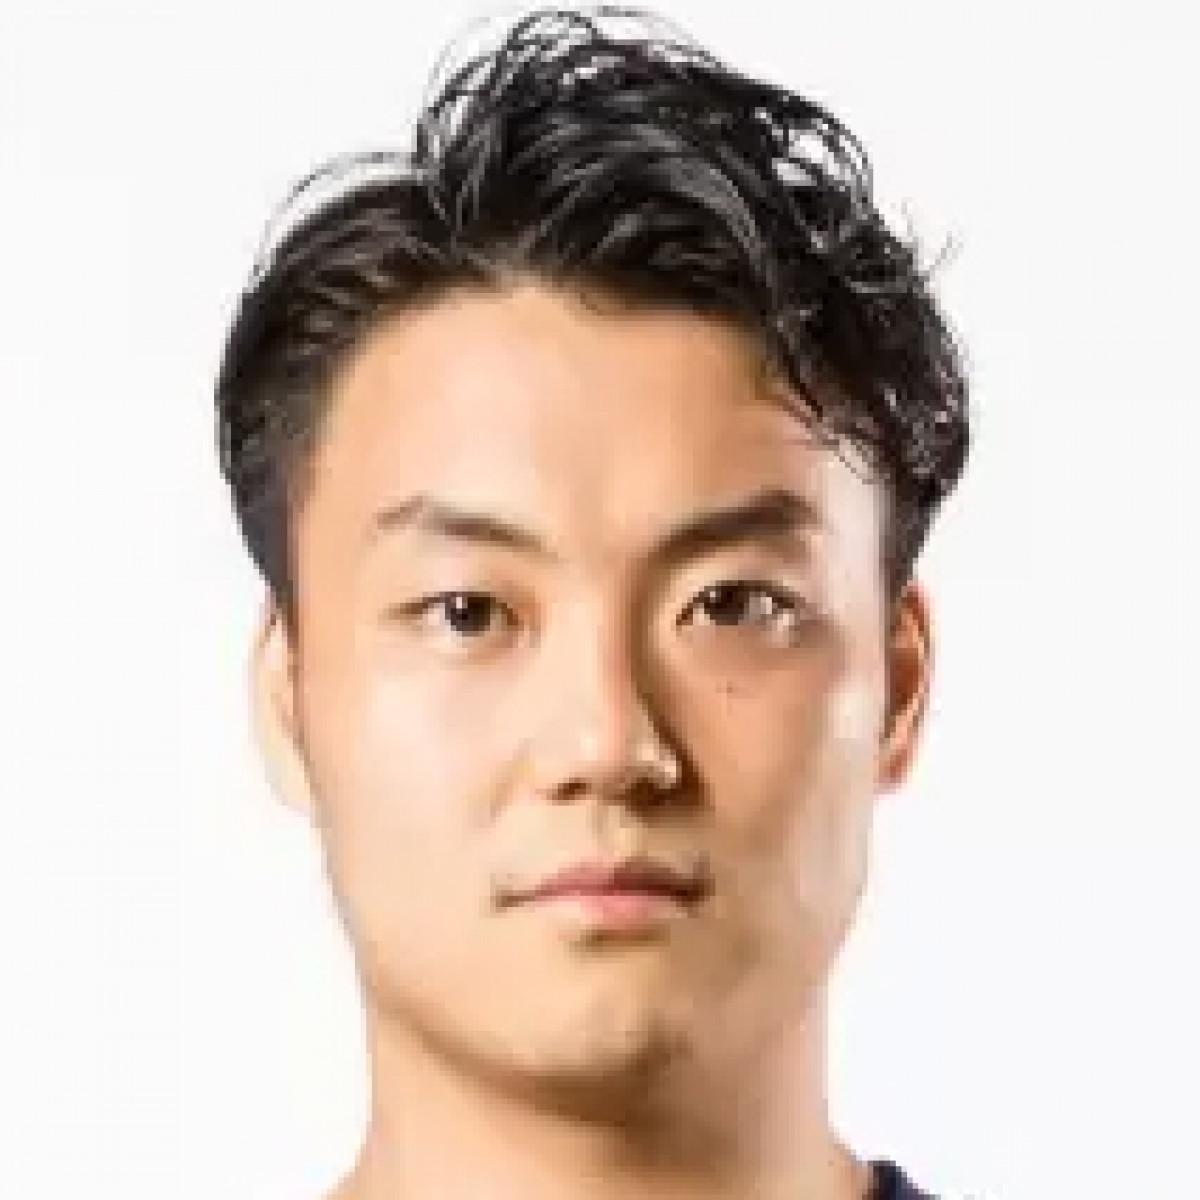 Yoshimasa Ohara